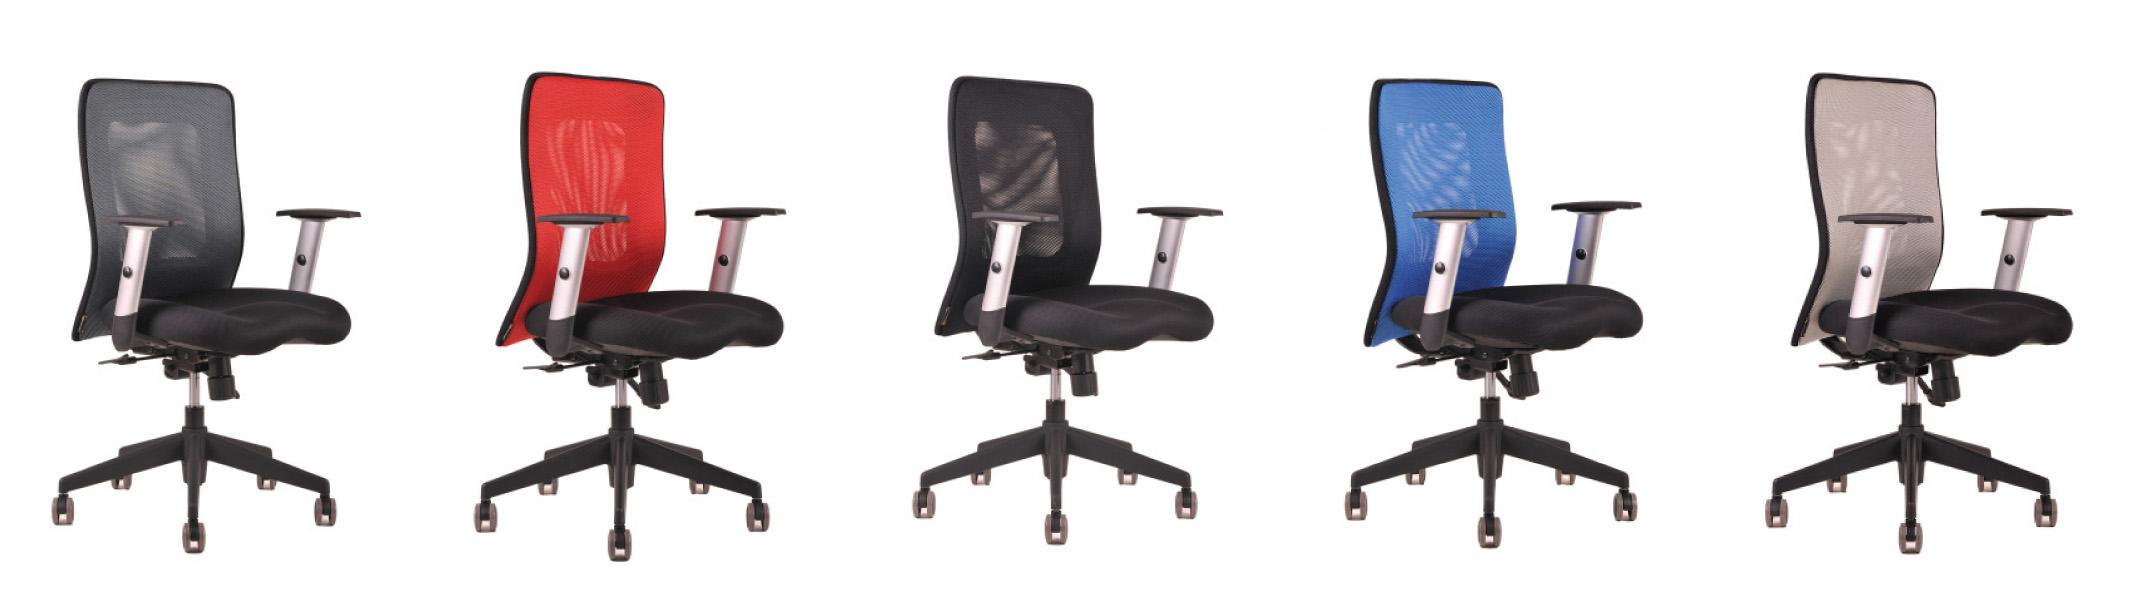 ergonomicka-kancelarska-zidle-officepro-calypso-vsechny-barvy